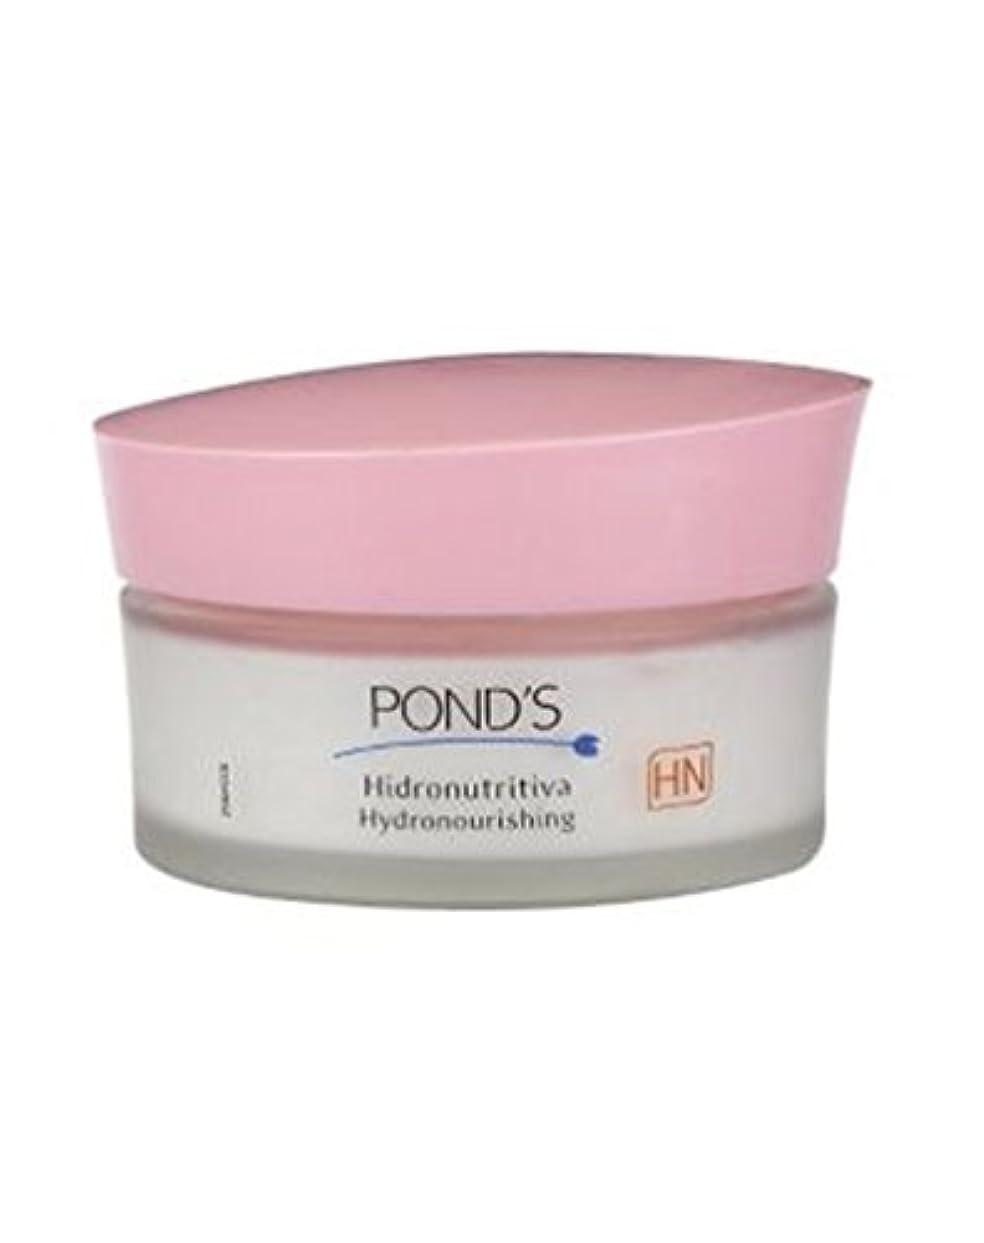 かんたんドル緊急Ponds Nourishing Anti-wrinkle Cream 50ml - アンチリンクルクリーム50ミリリットル栄養池 (Ponds) [並行輸入品]